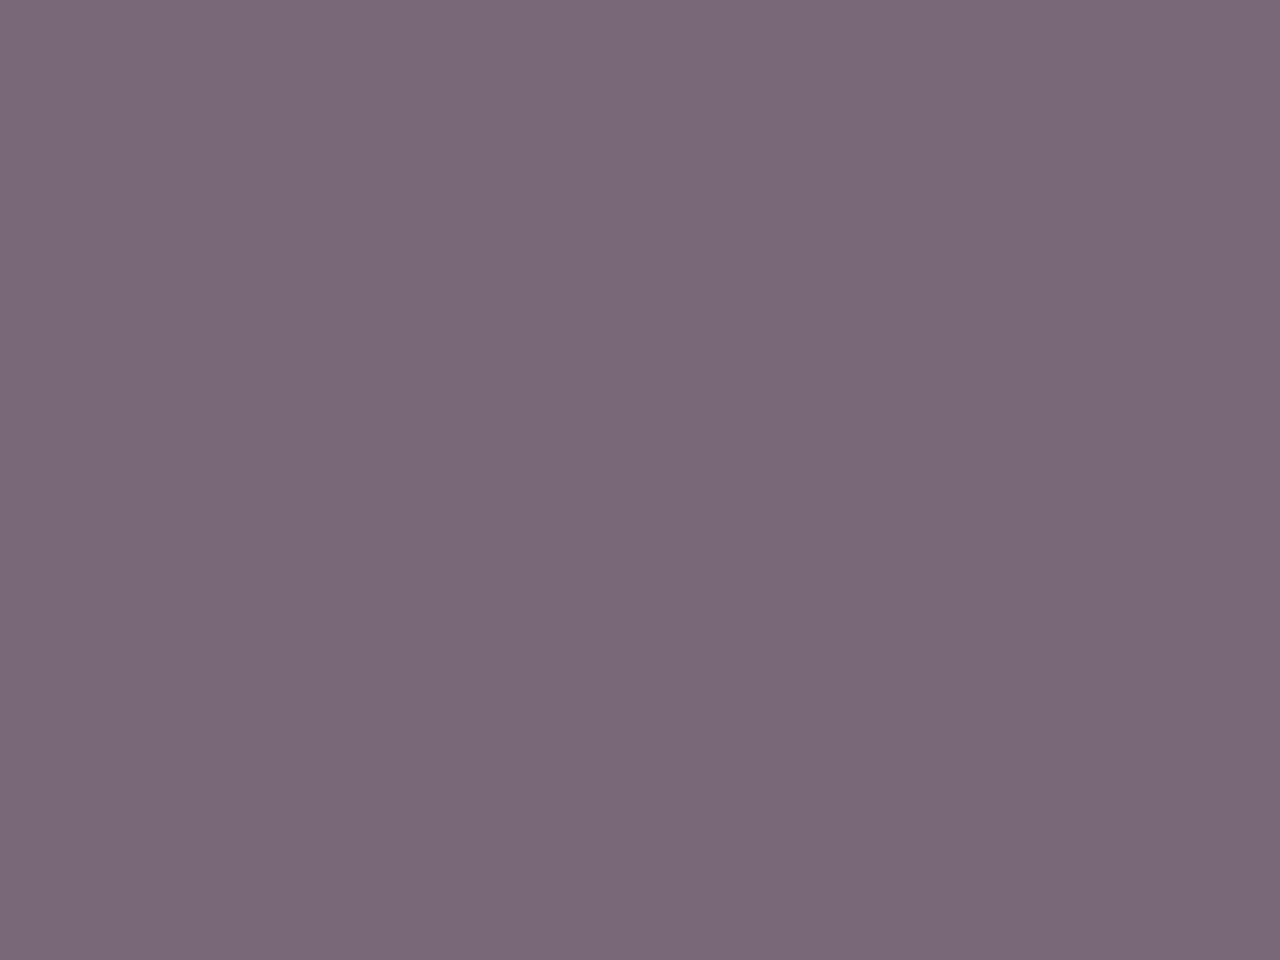 1280x960 Old Lavender Solid Color Background